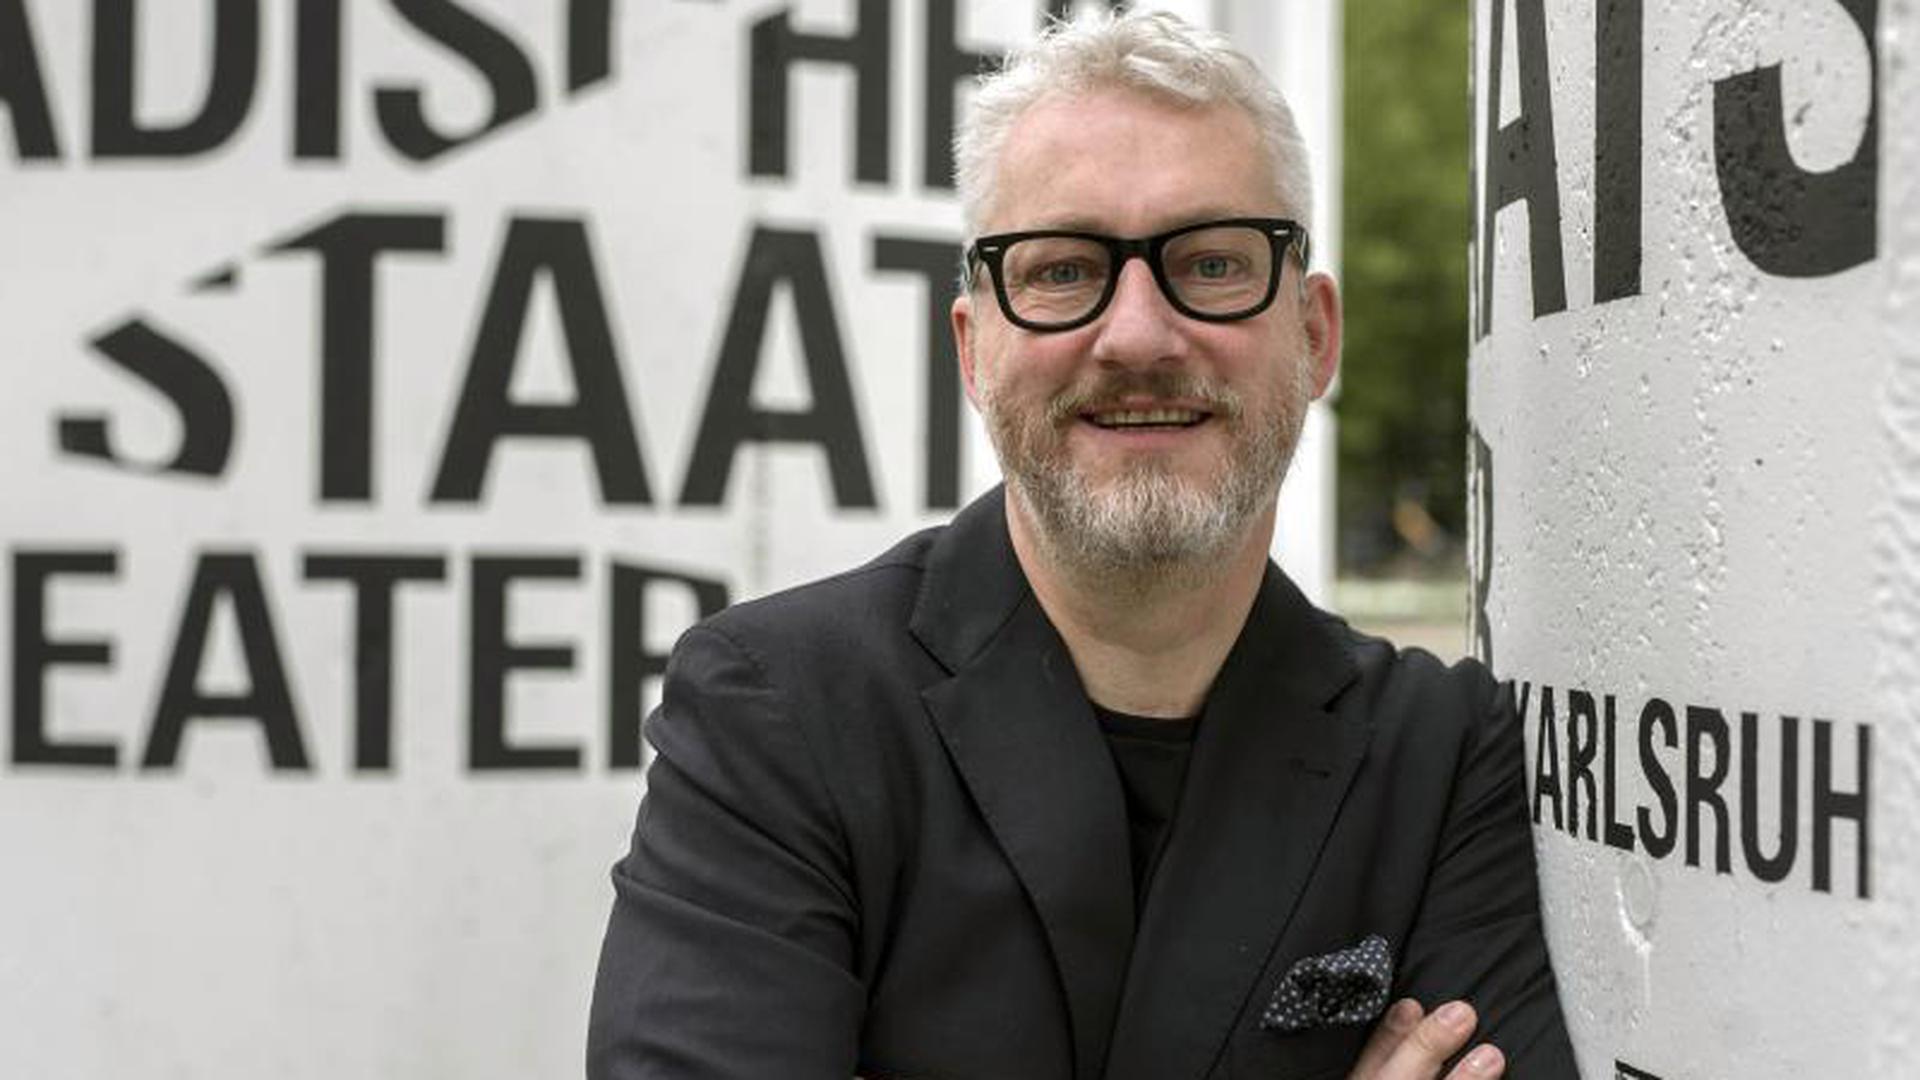 Generalintendant des Badischen Staatstheaters